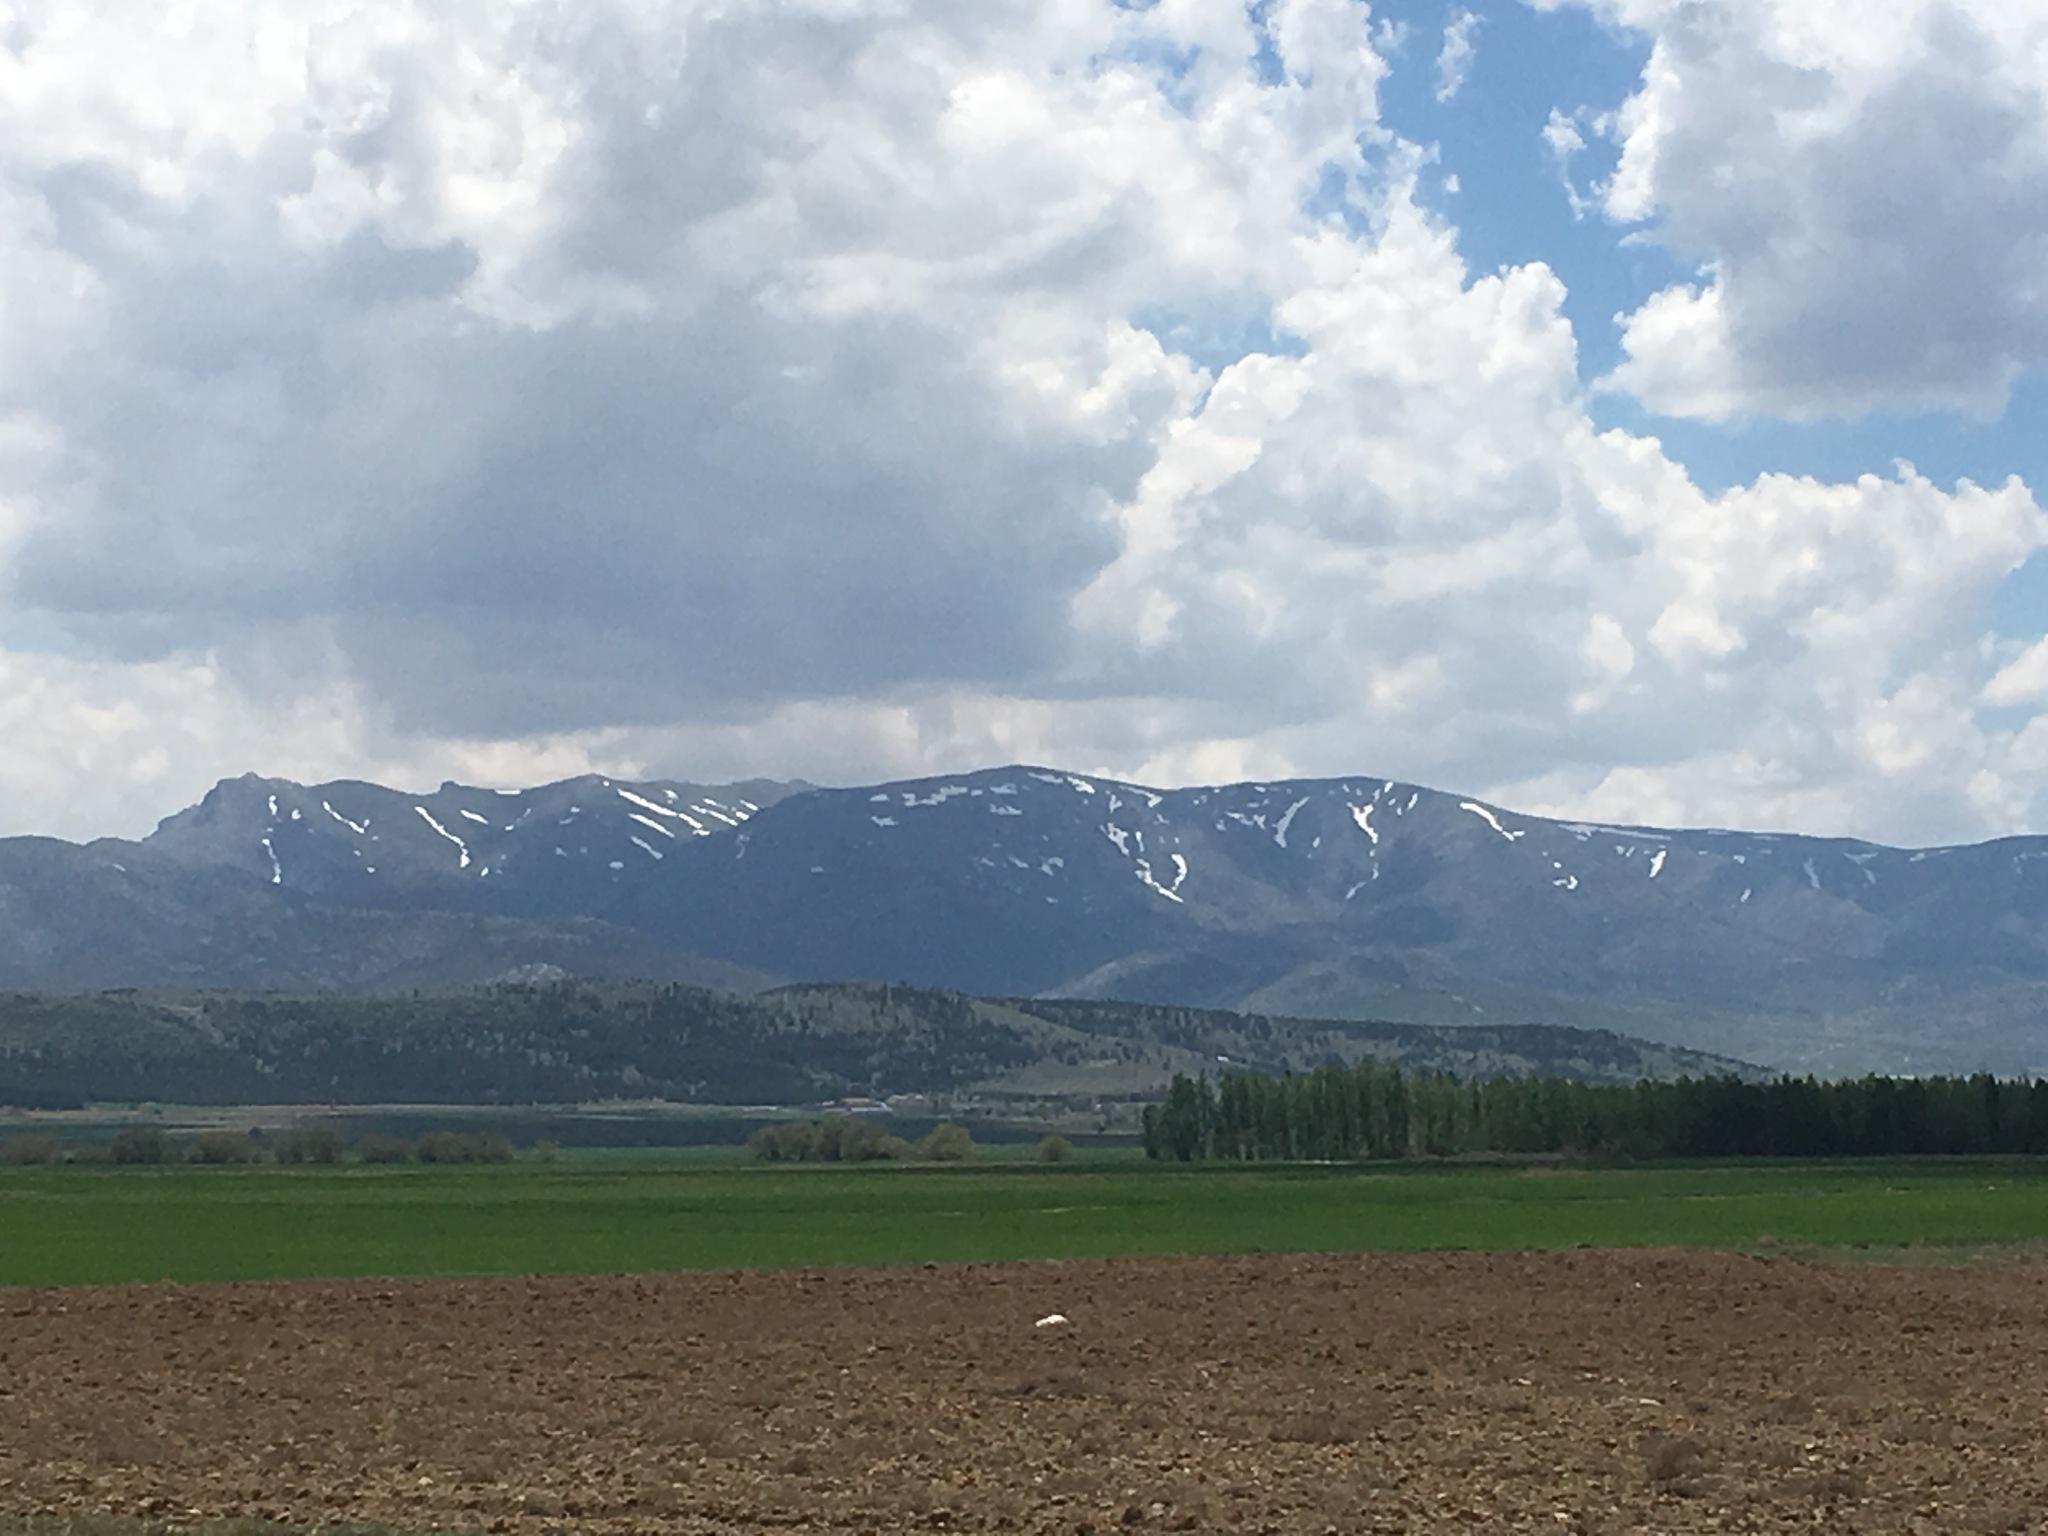 Torous mountains by Musa Hamza